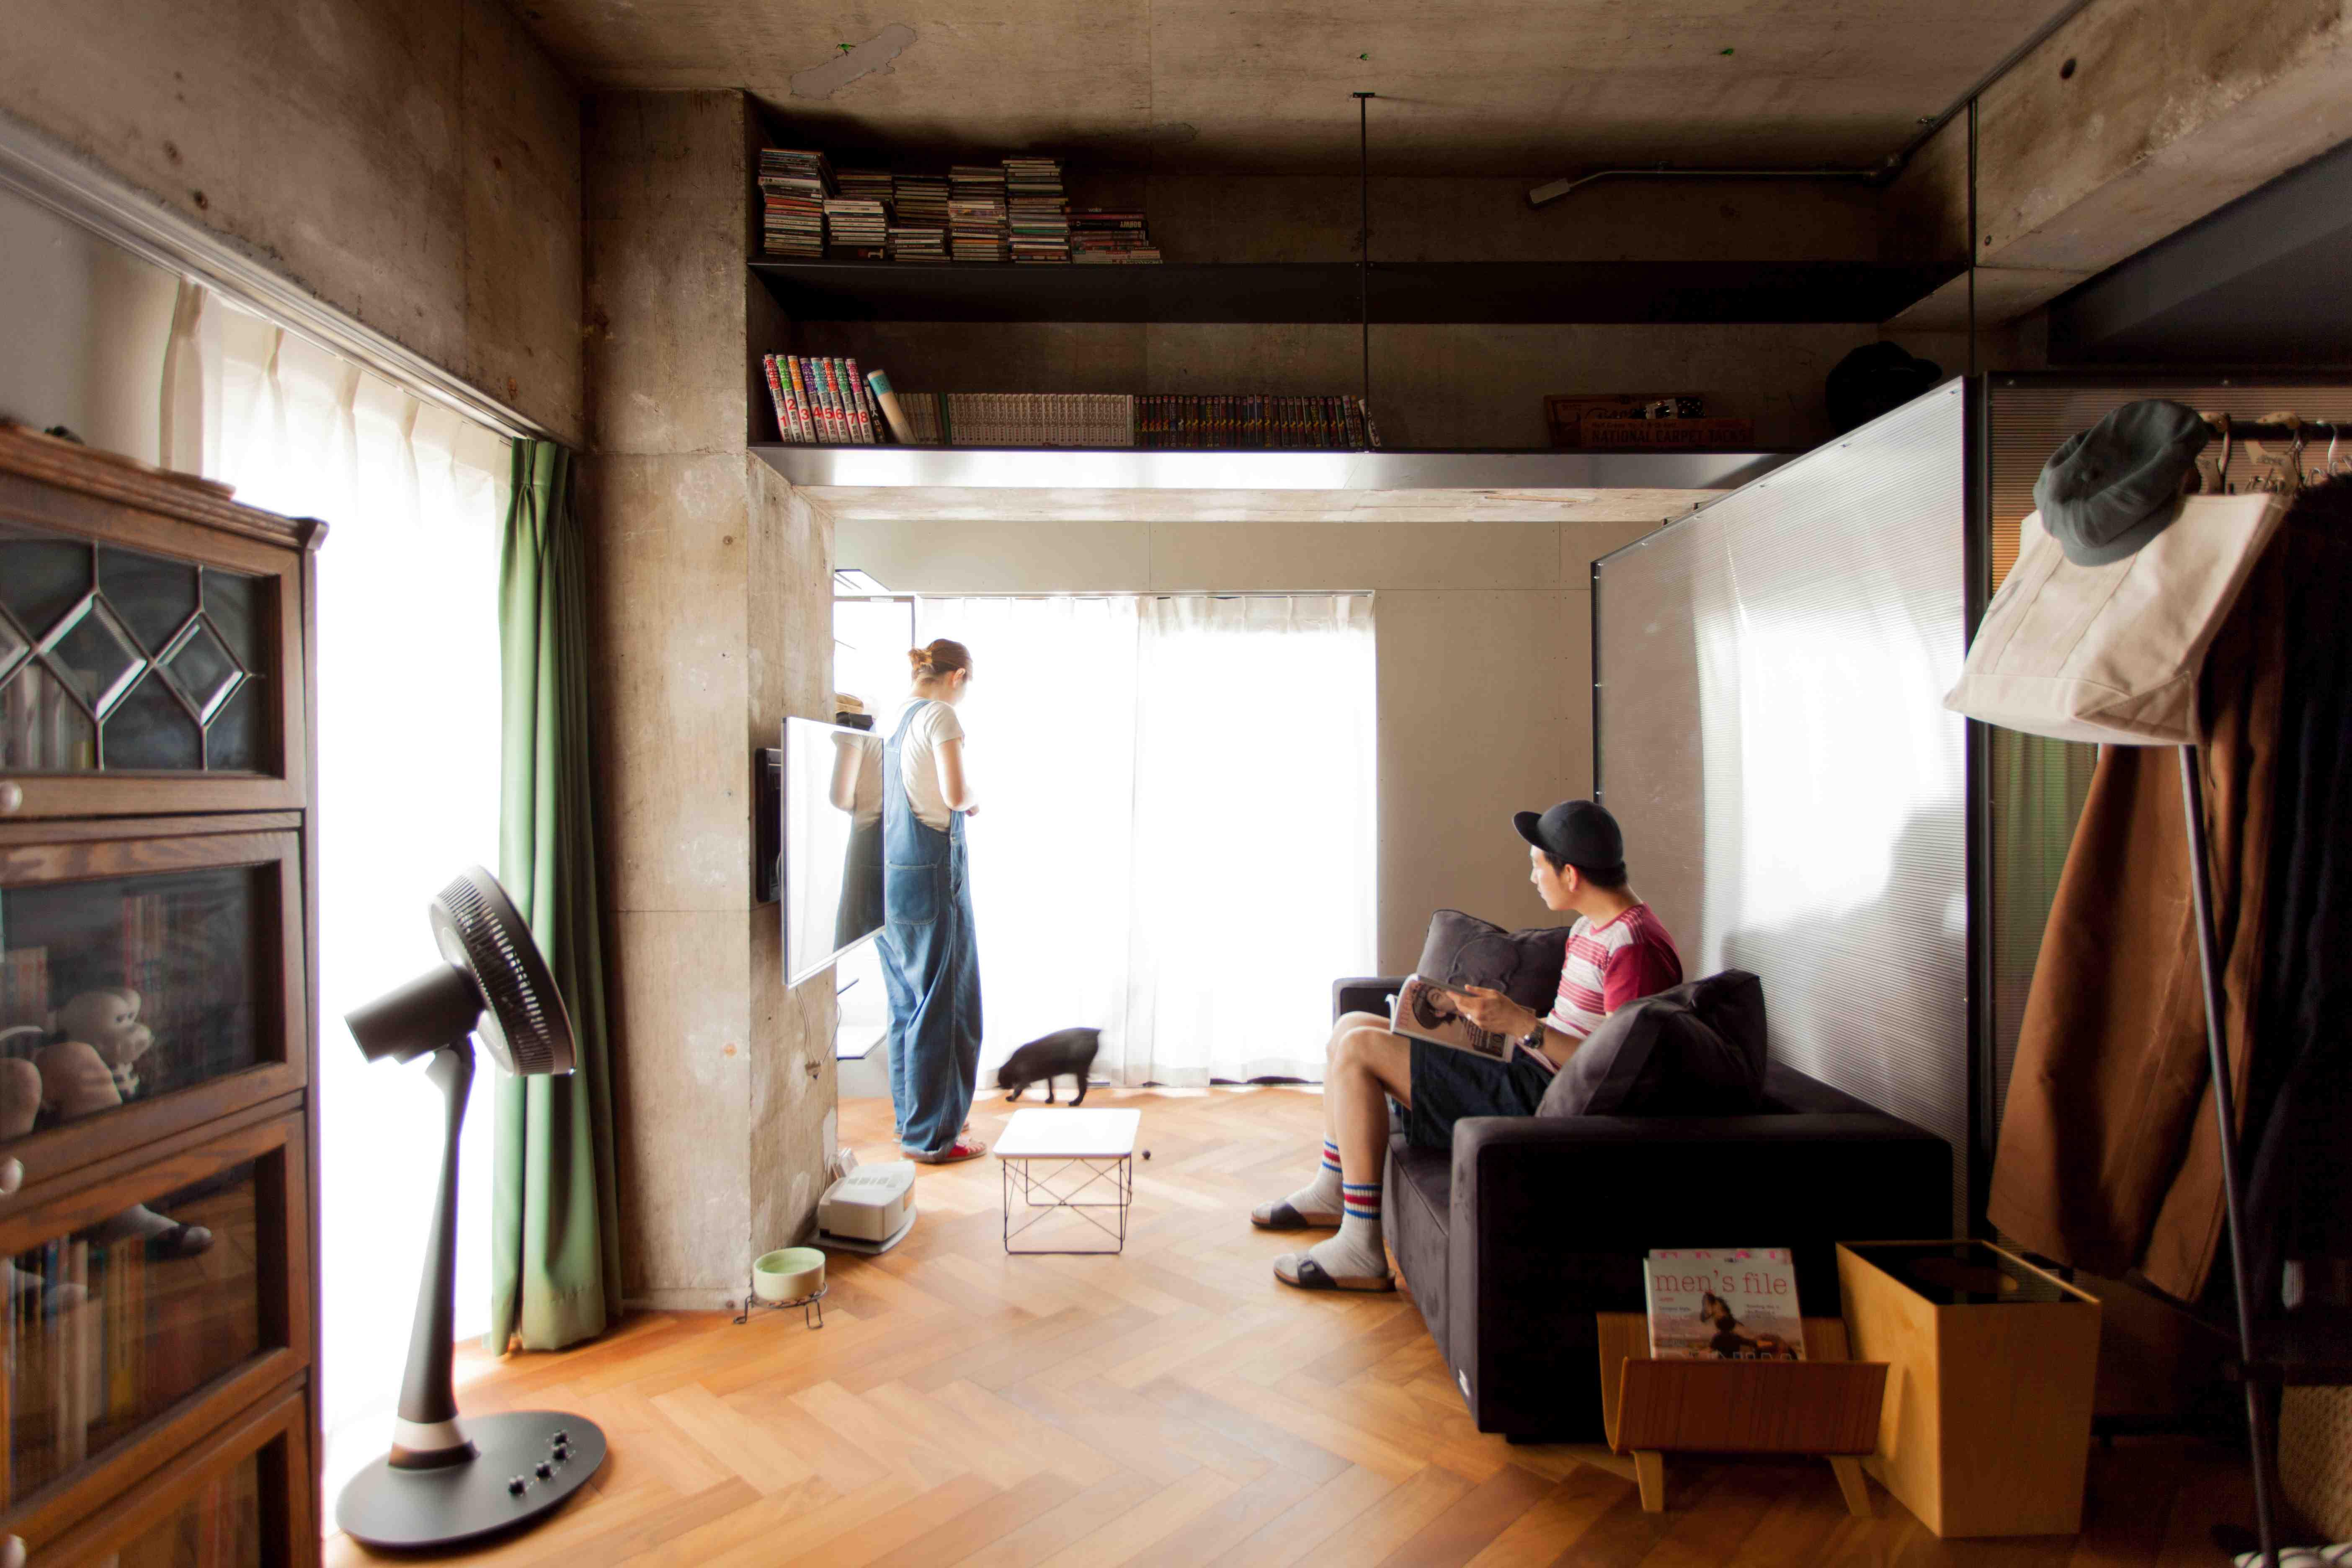 リノベーションでテレビの居場所を考える